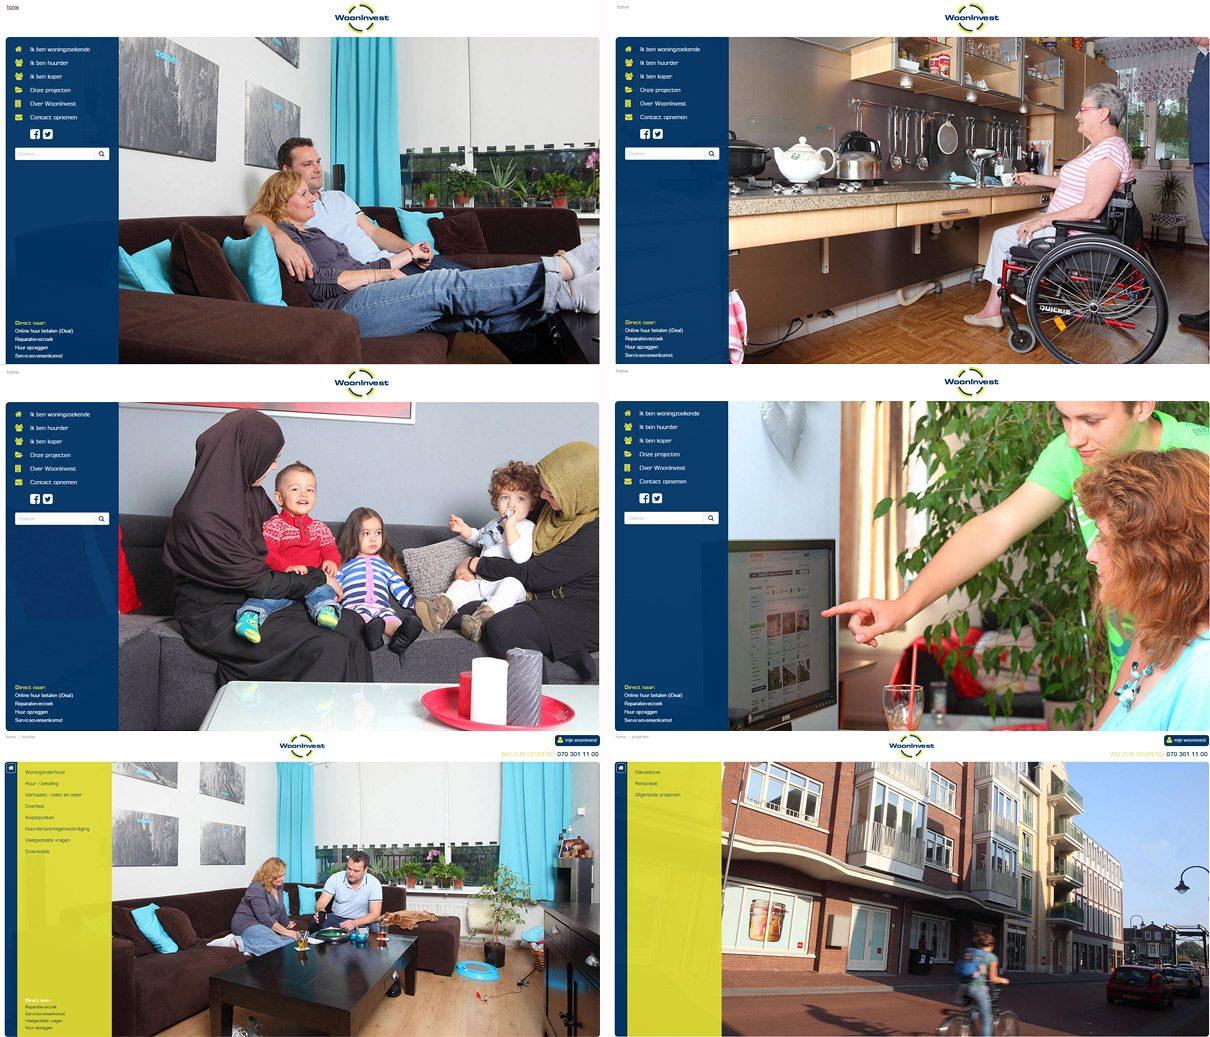 Klanten verhaal fotografie voor woningcorporatie, case story bedrijfsfotograaf